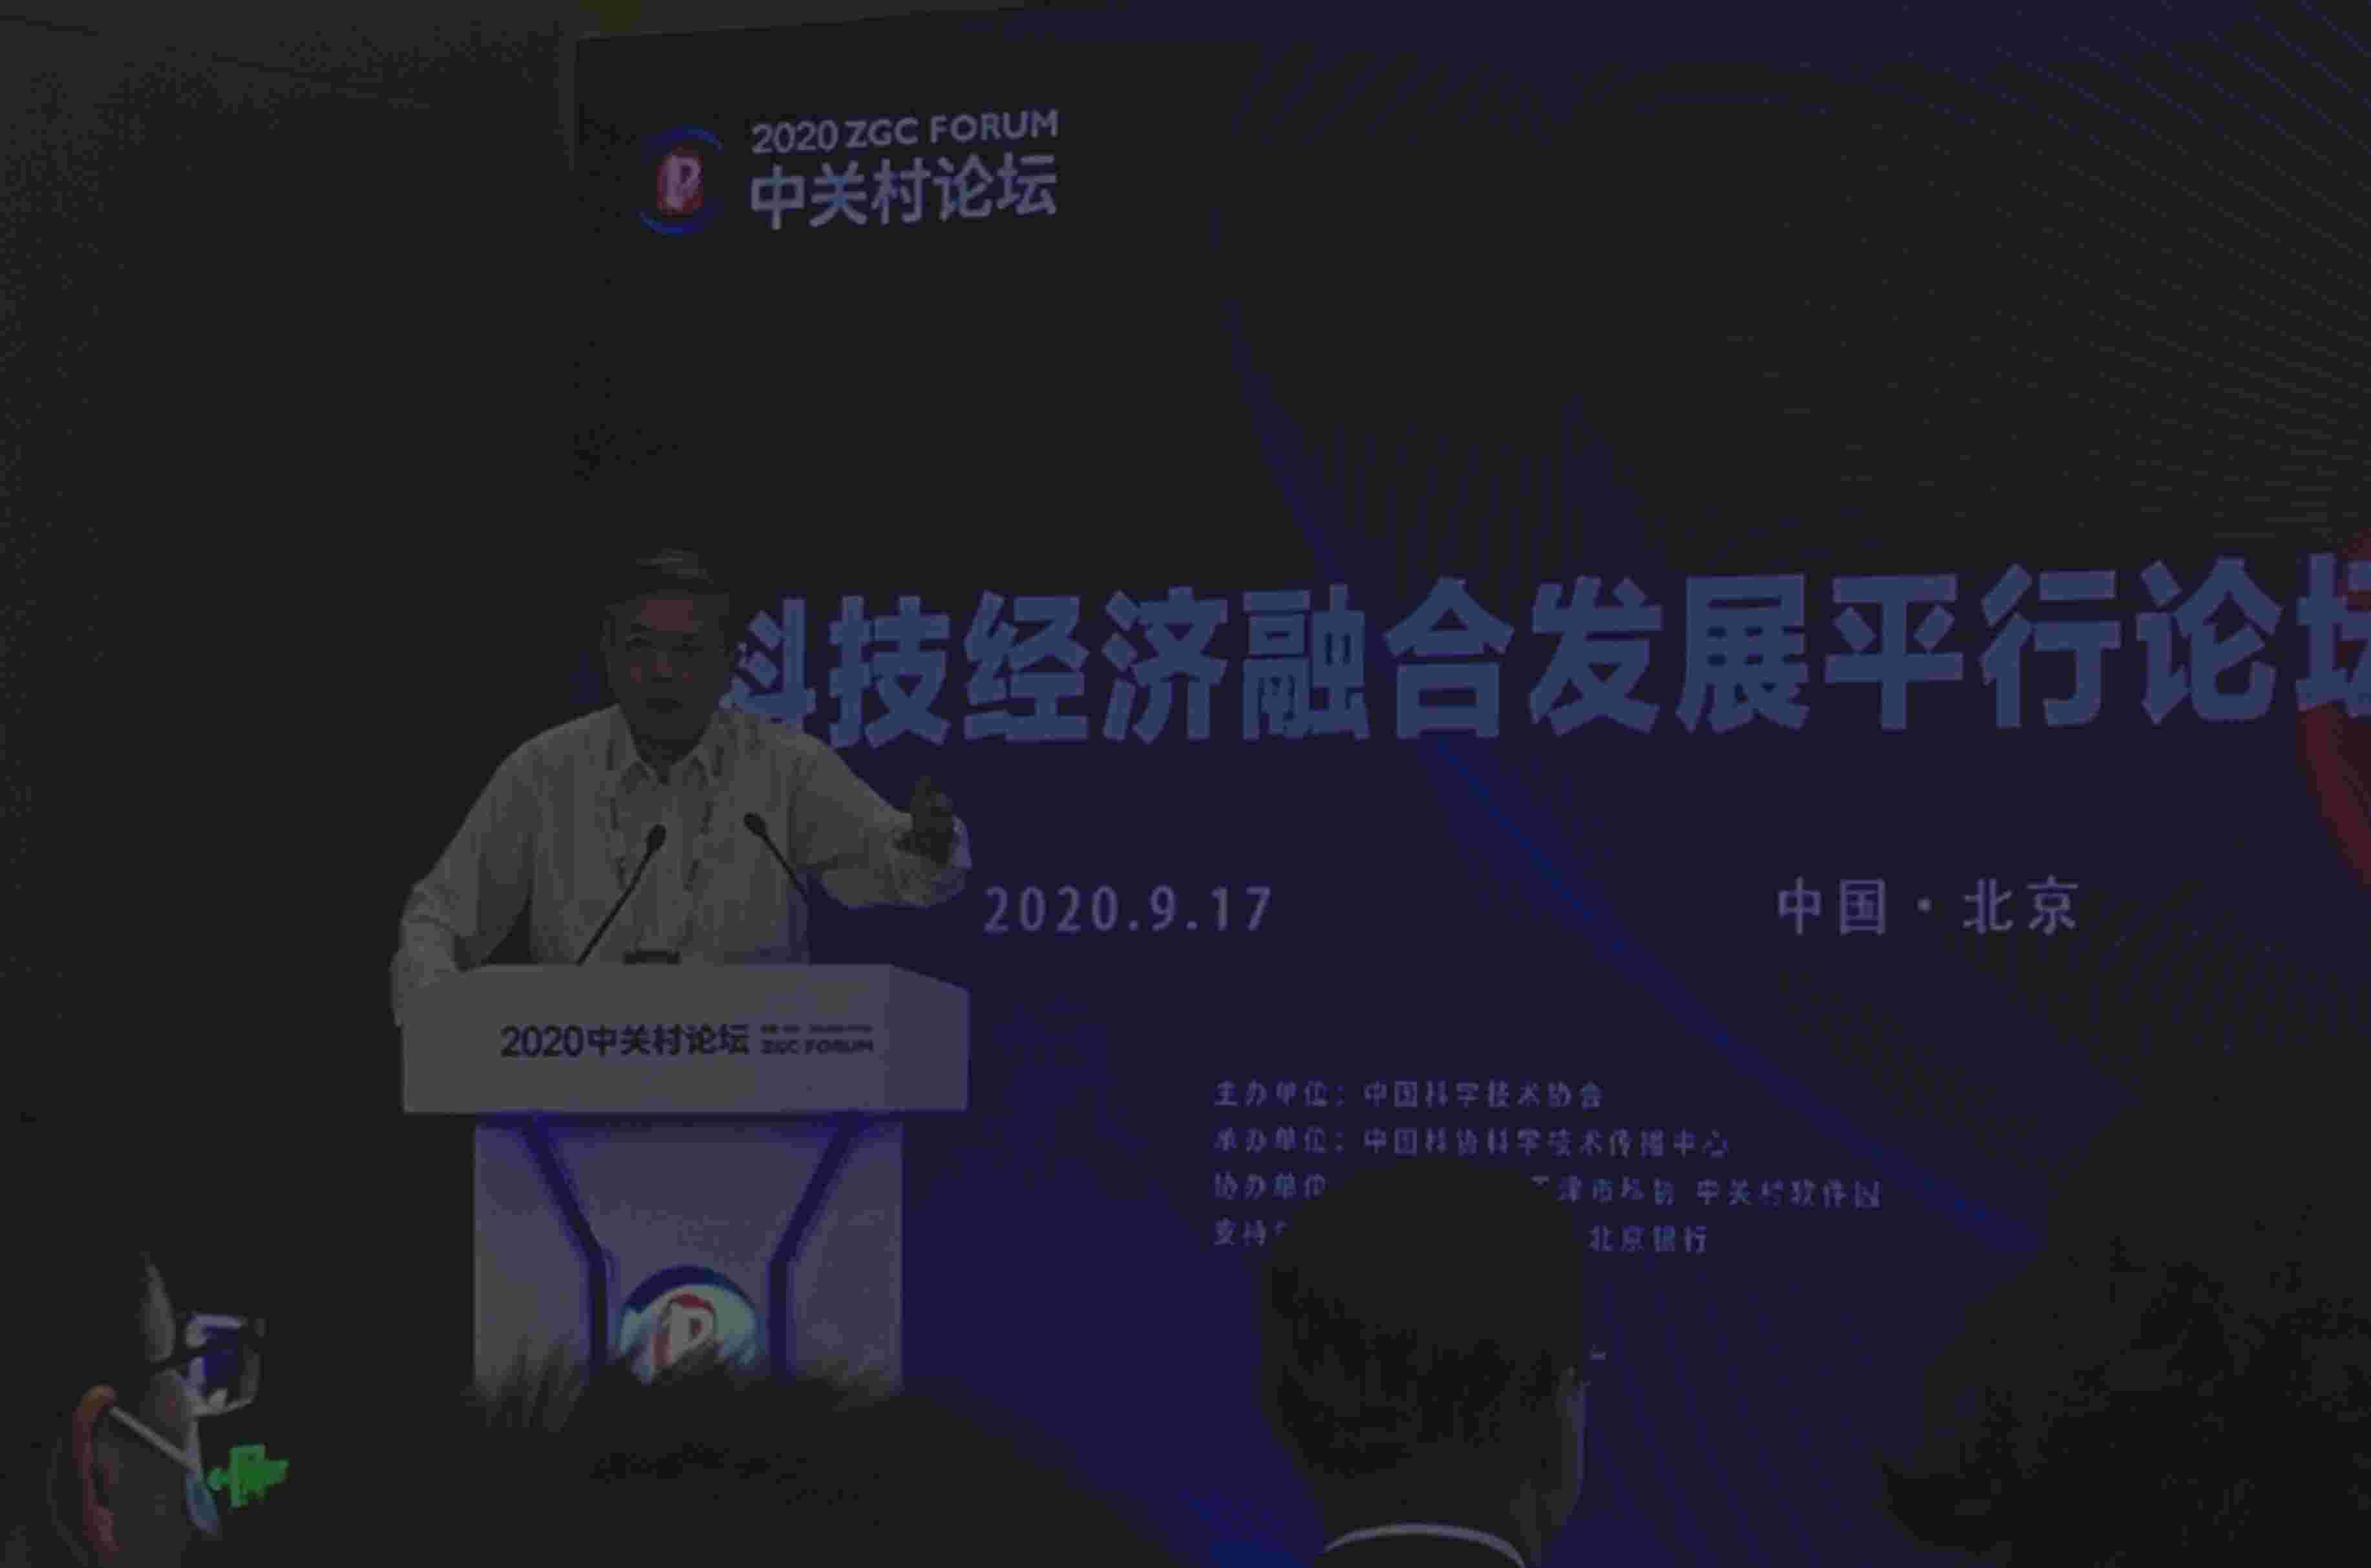 专访世界工程组织联合会主席龚克:隐私保护面前,公权力要立规矩